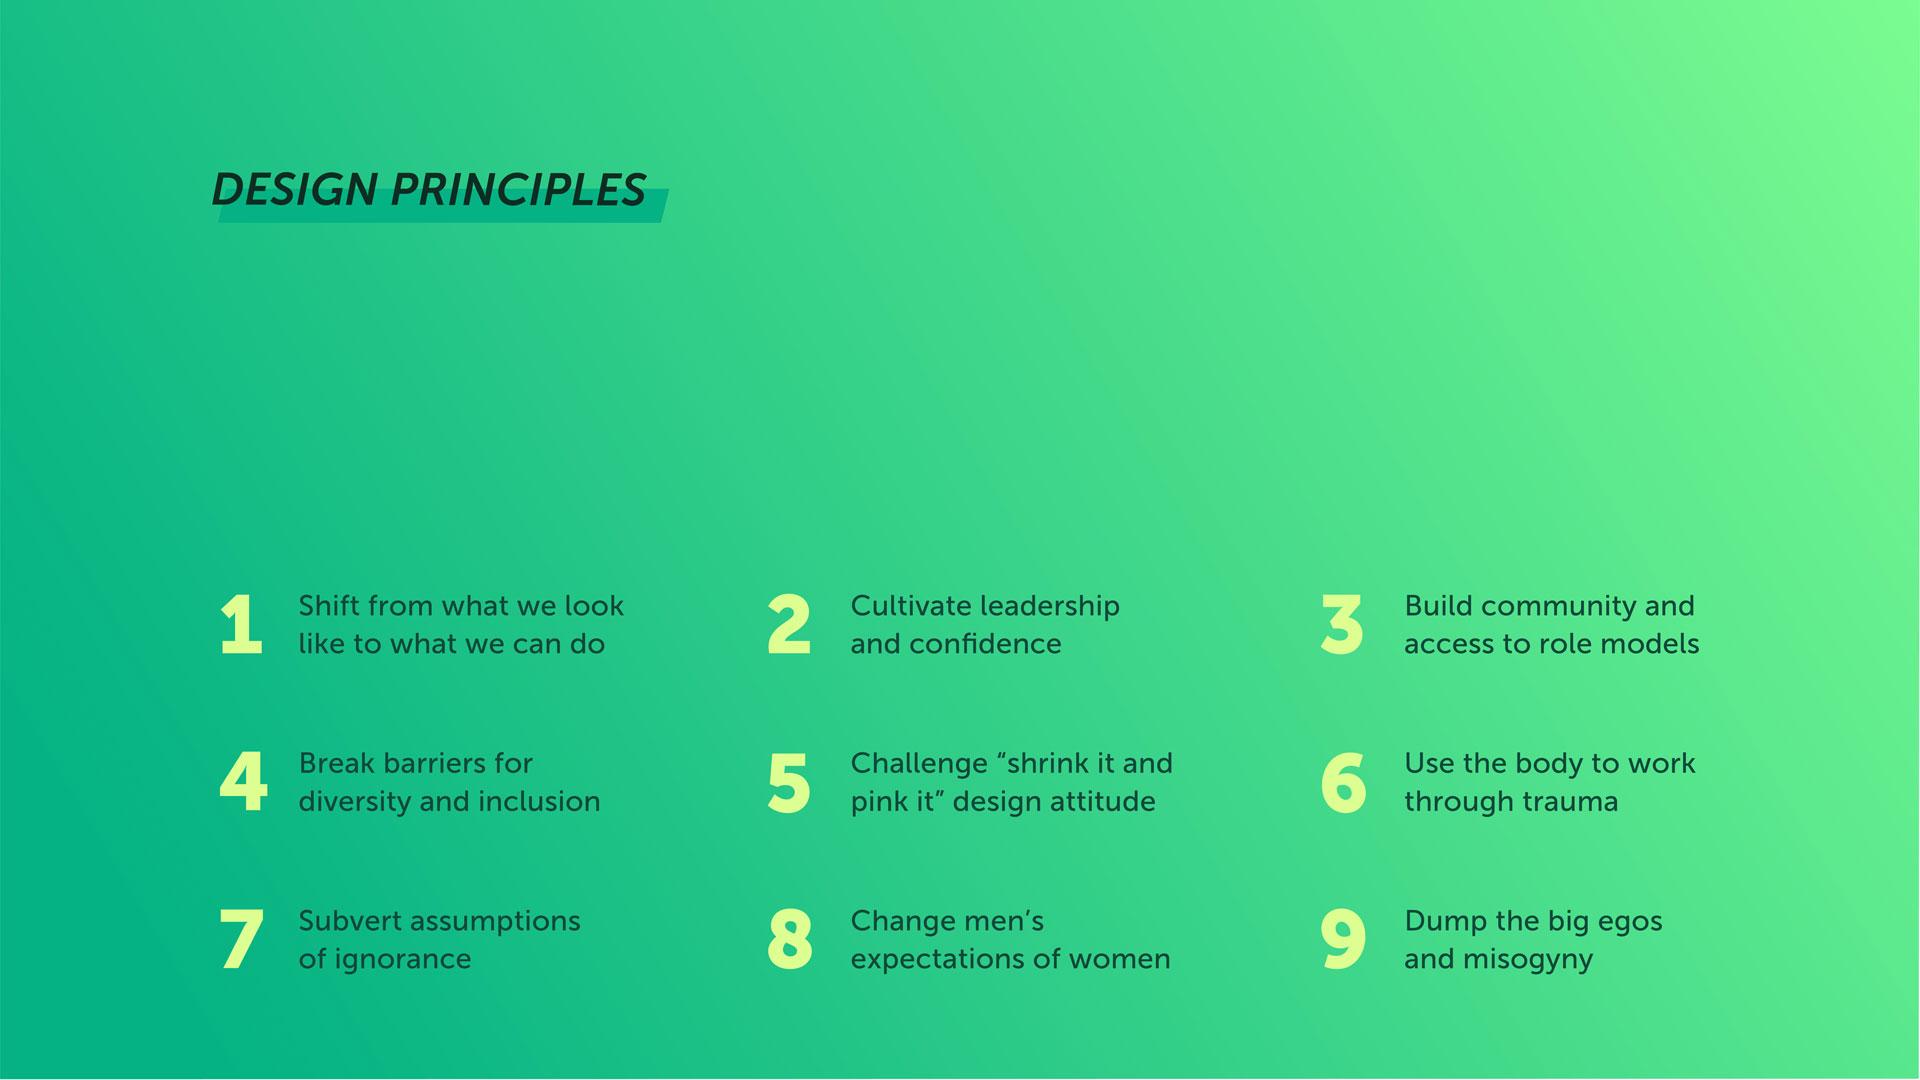 Cohen_Alexia_principles_Image_2.jpg